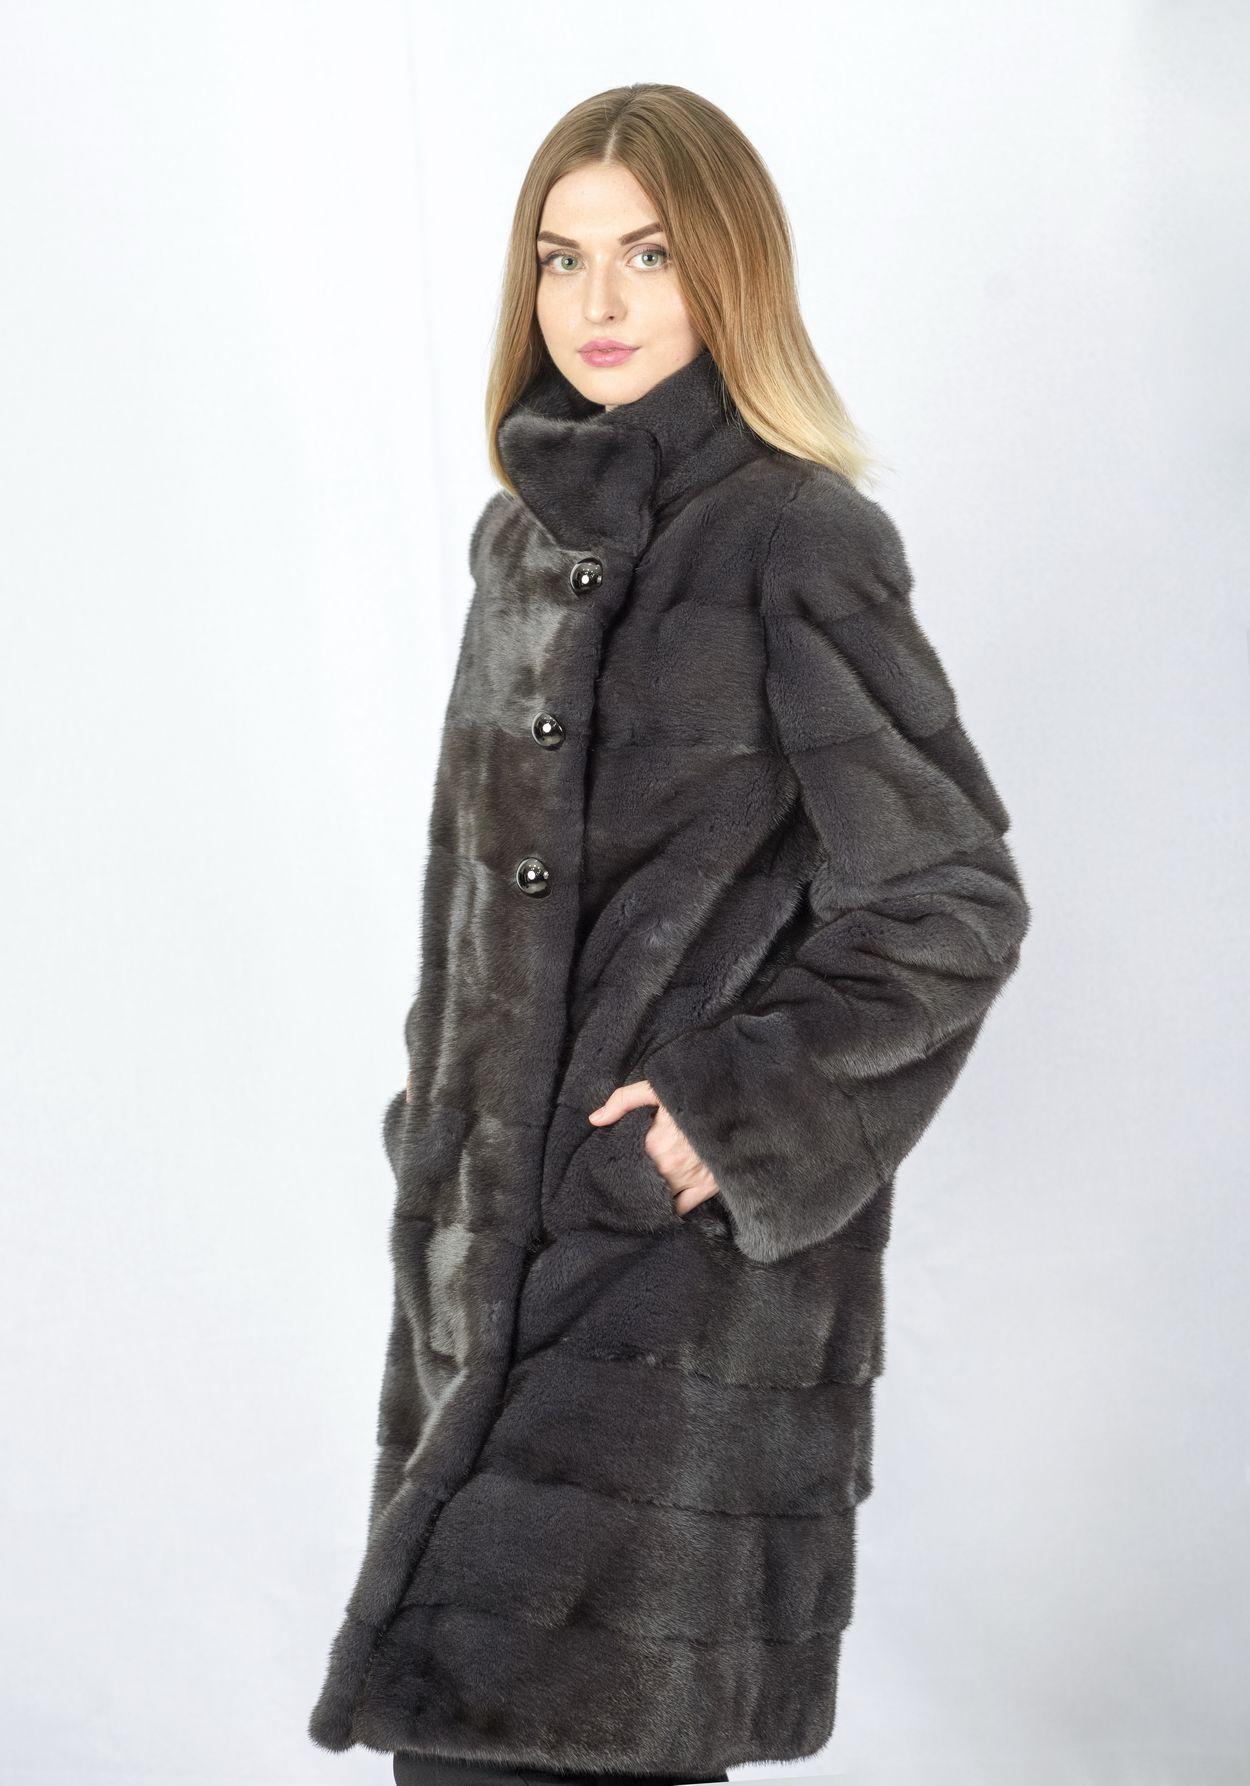 Шуба женская норковая 432 фото №1